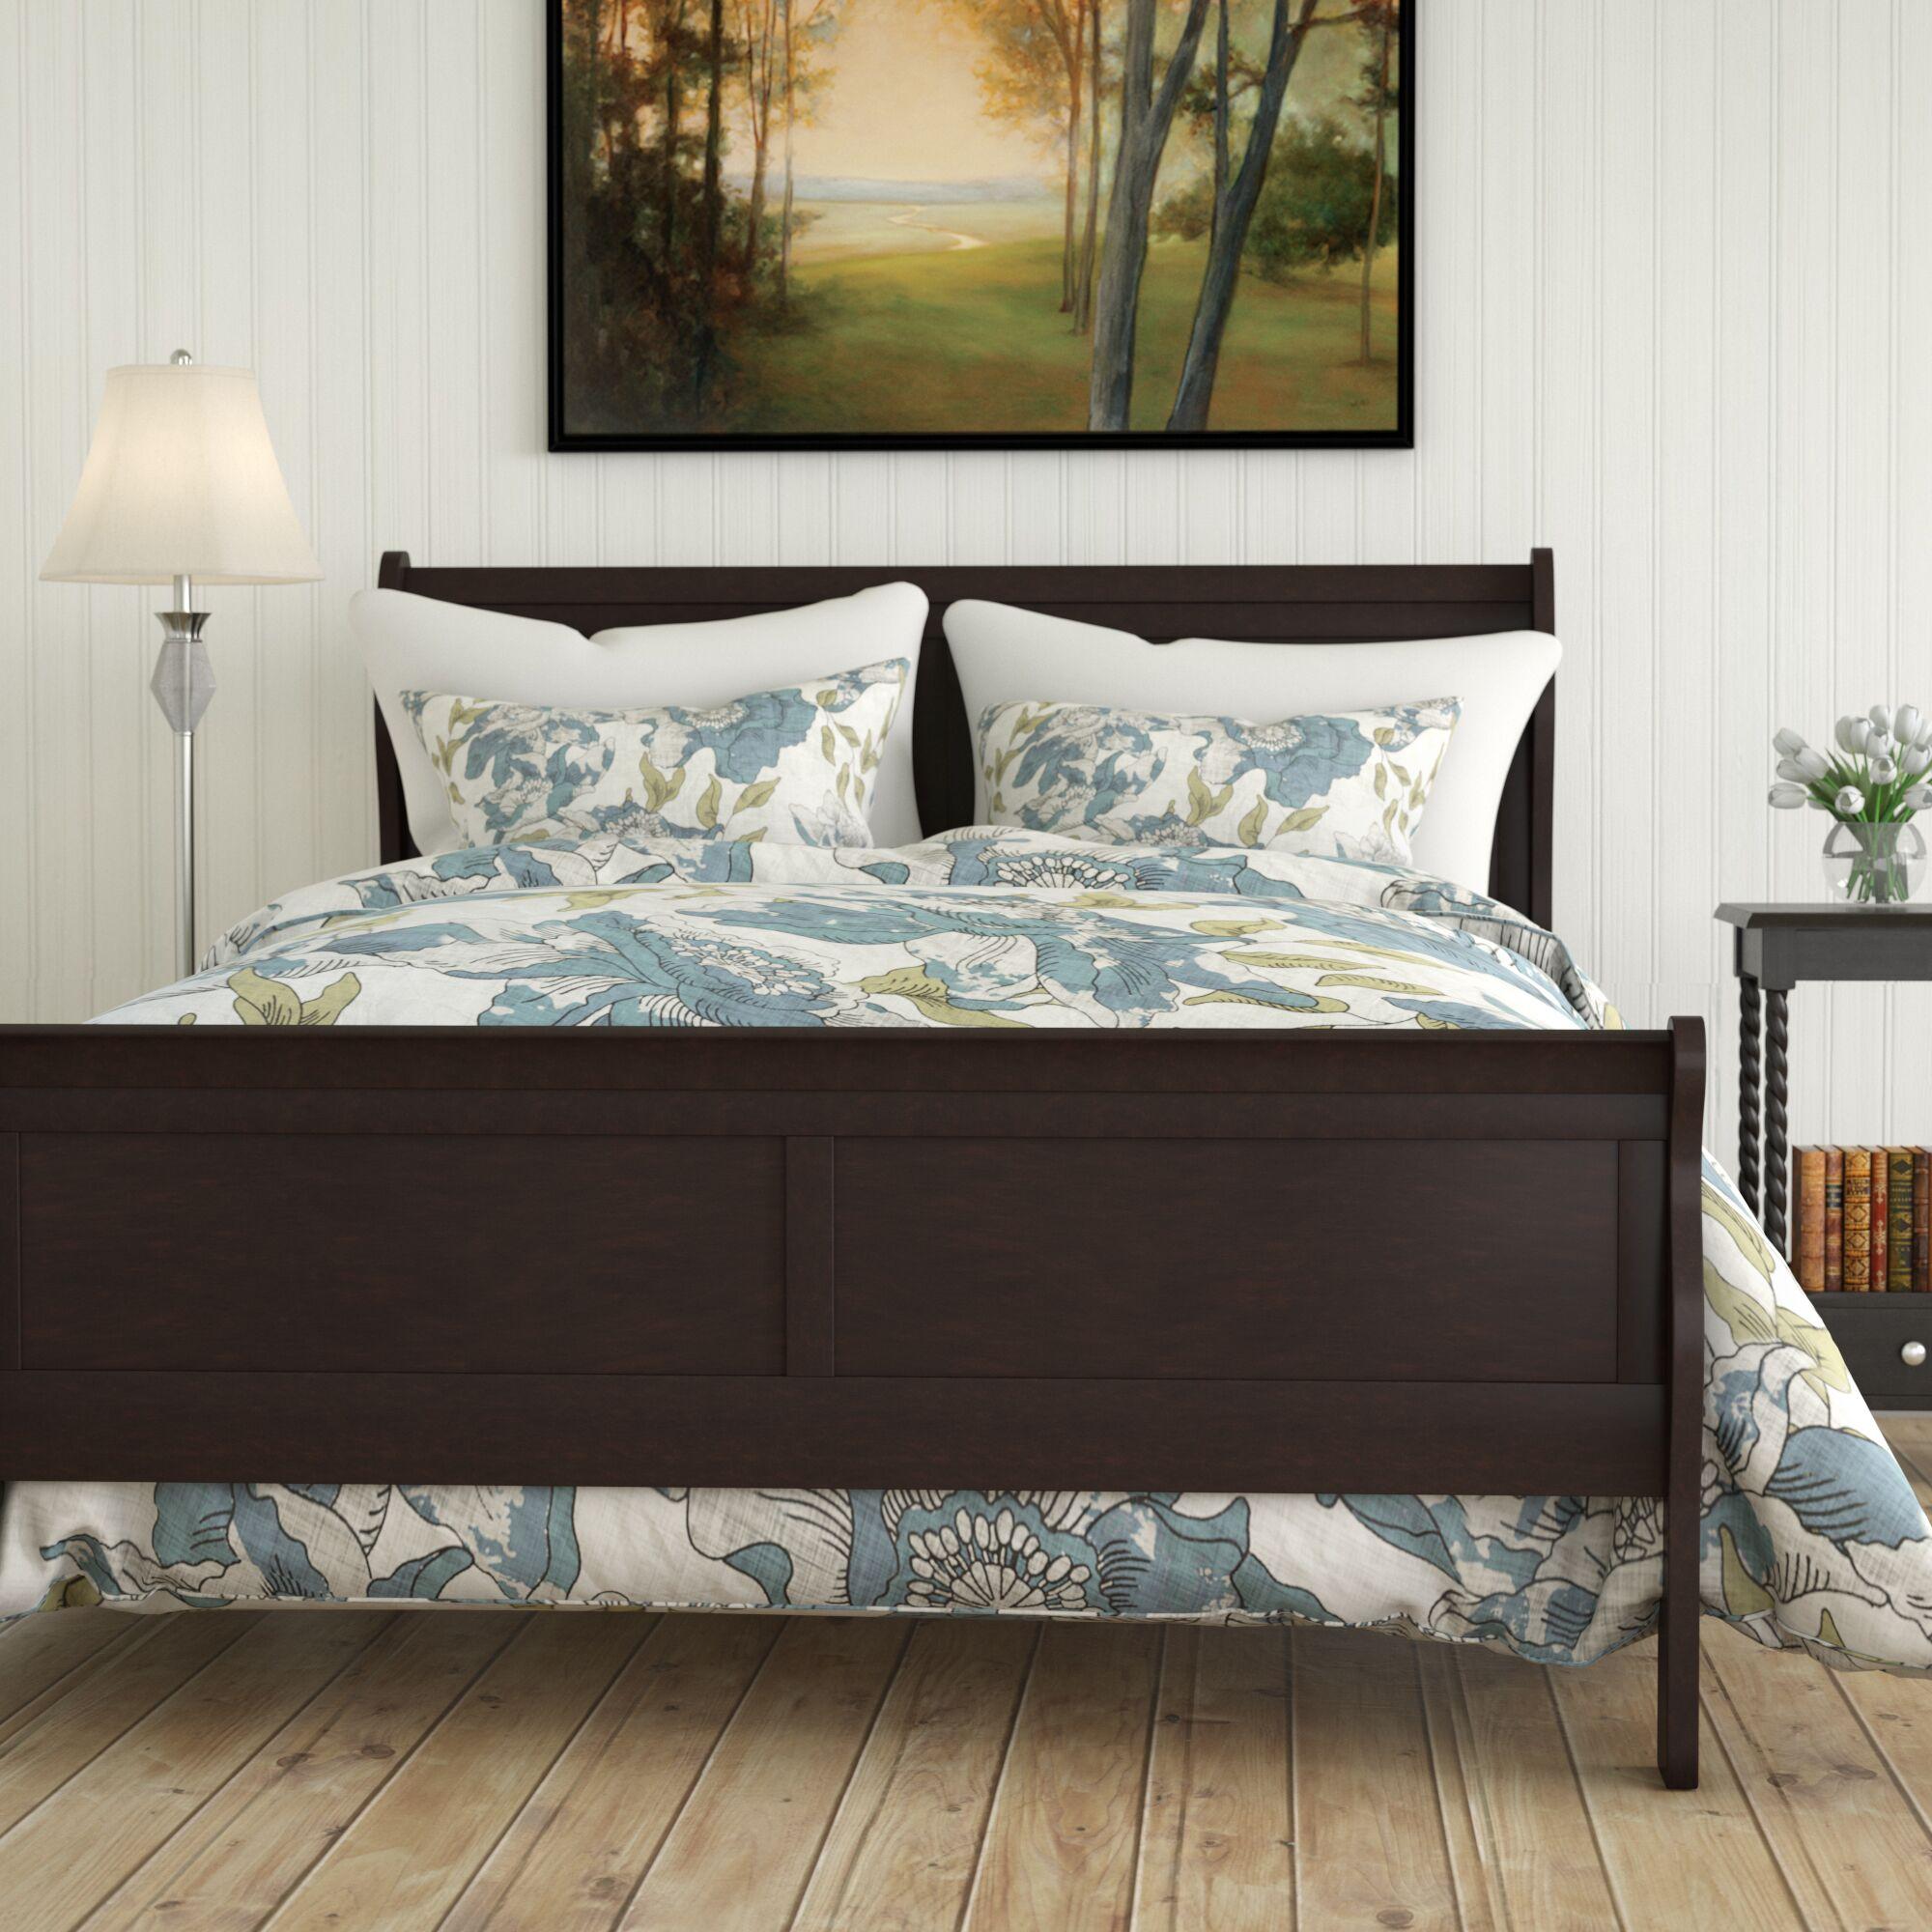 Richard Sleigh Bed Size: Full